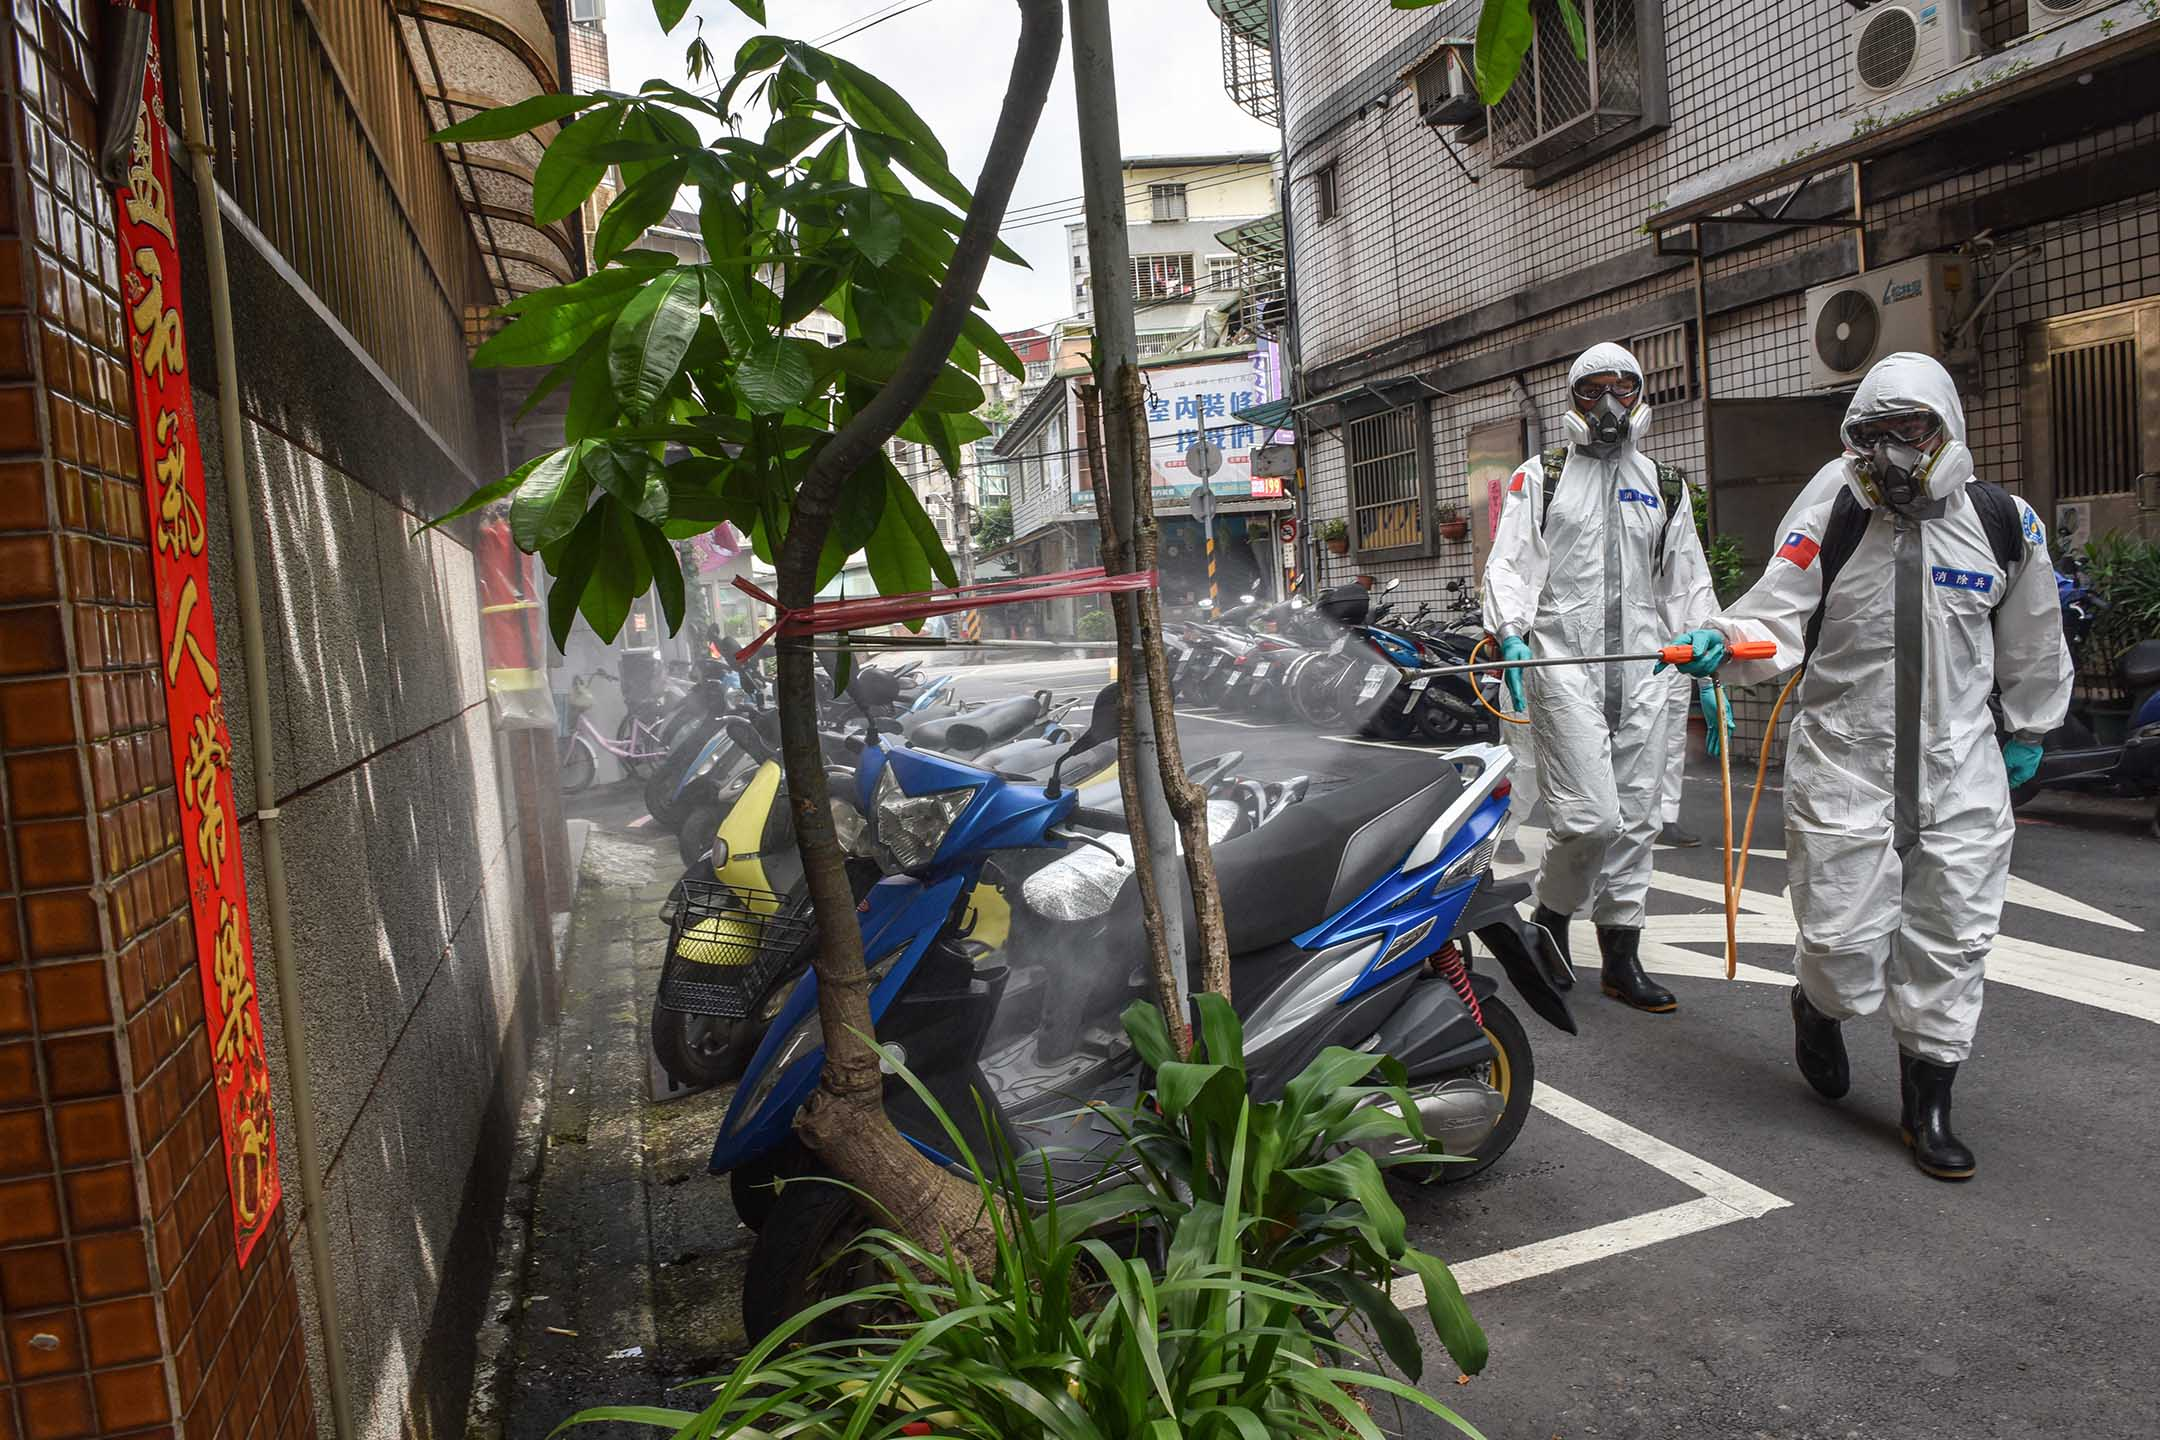 2021年5月26日台灣台北,身穿防護服的軍人在街道上消毒。